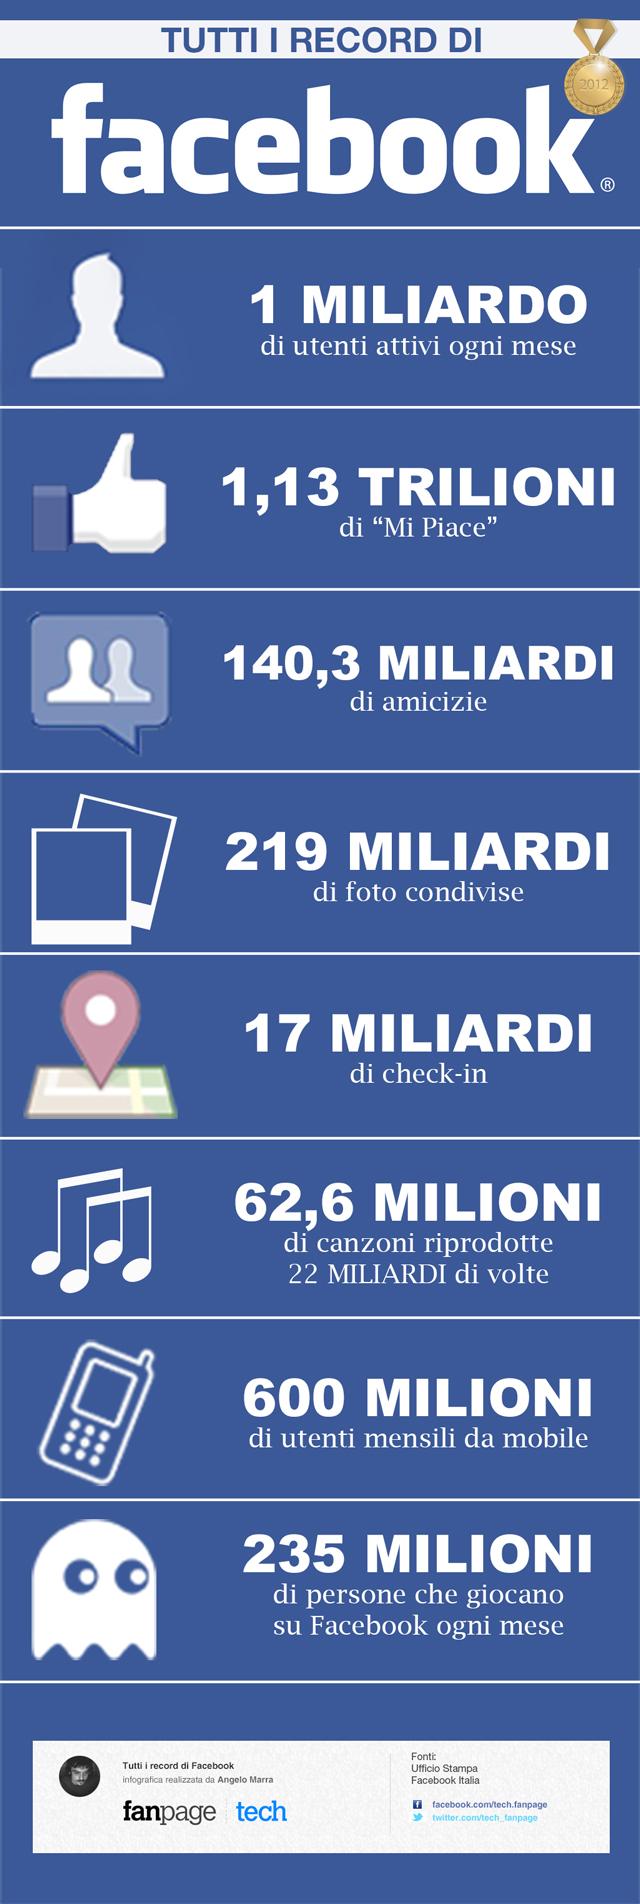 Record di Facebook